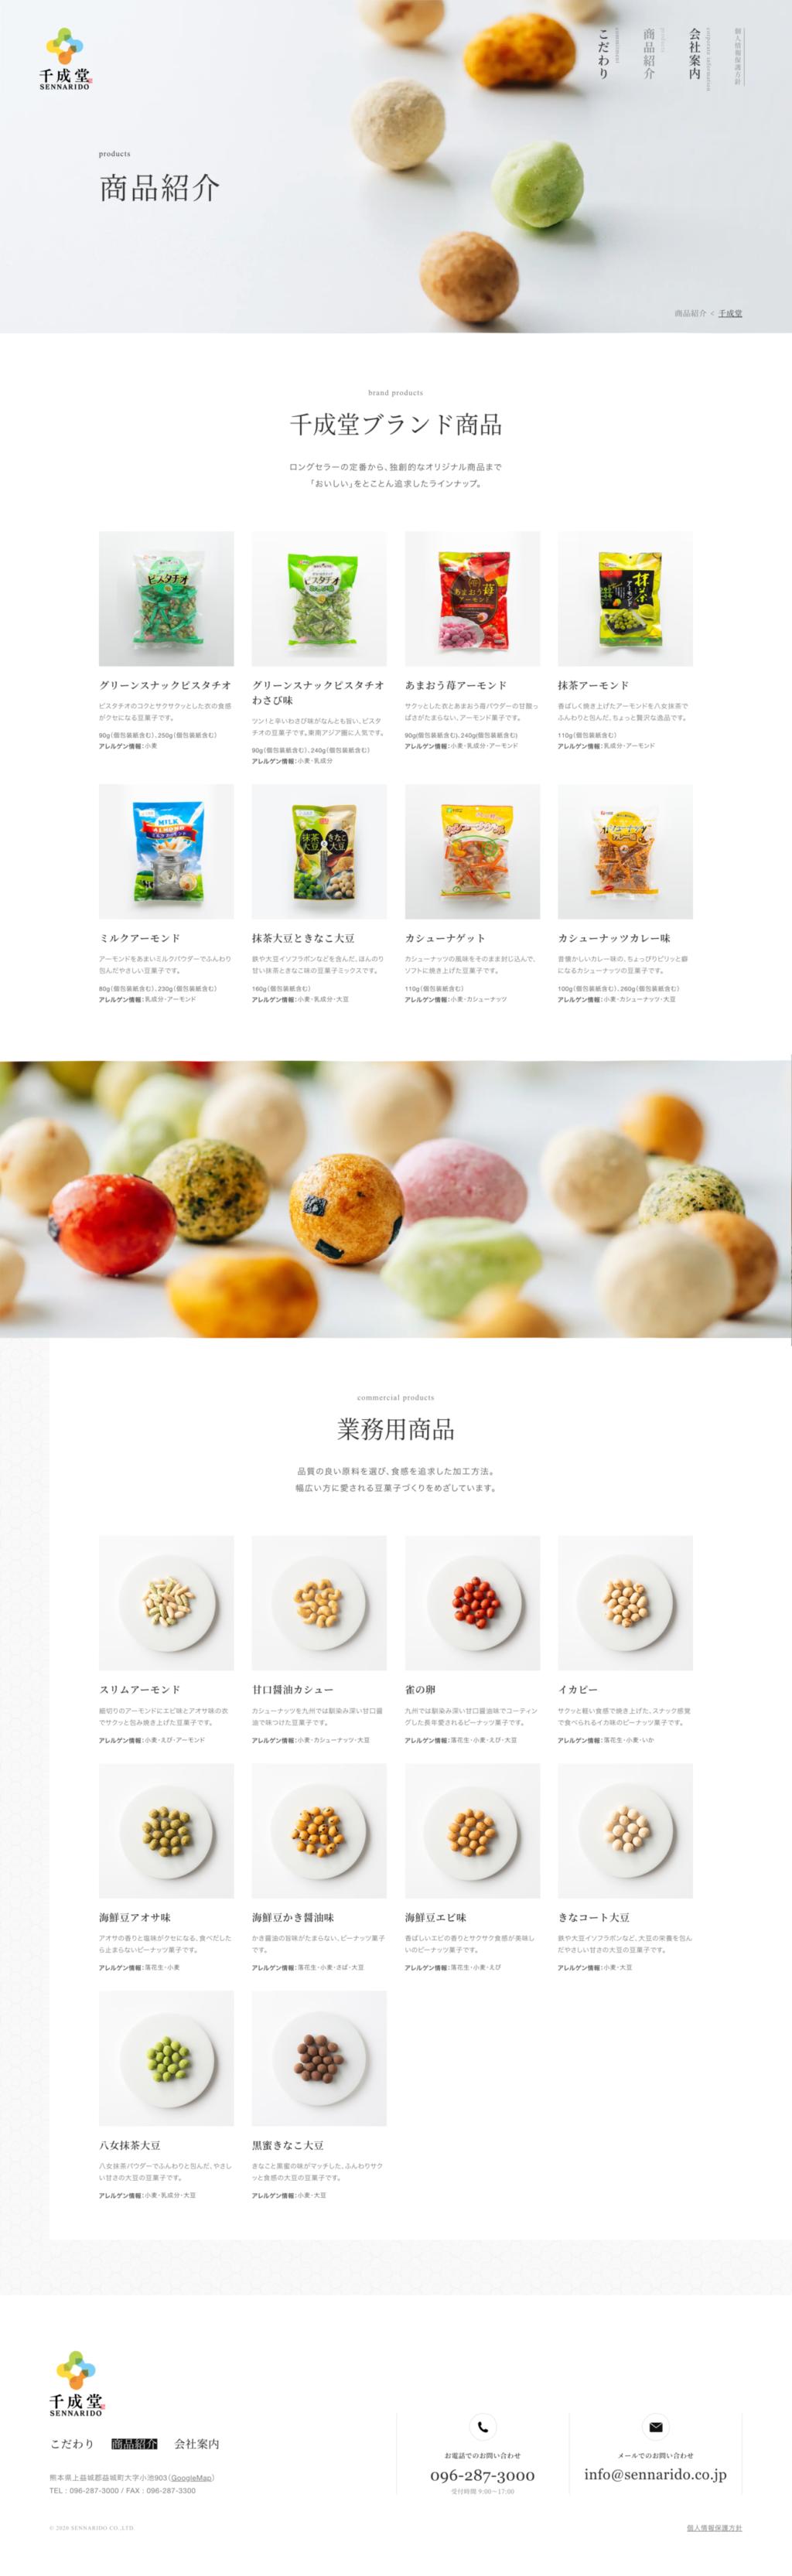 千成堂サイトのパソコン表示